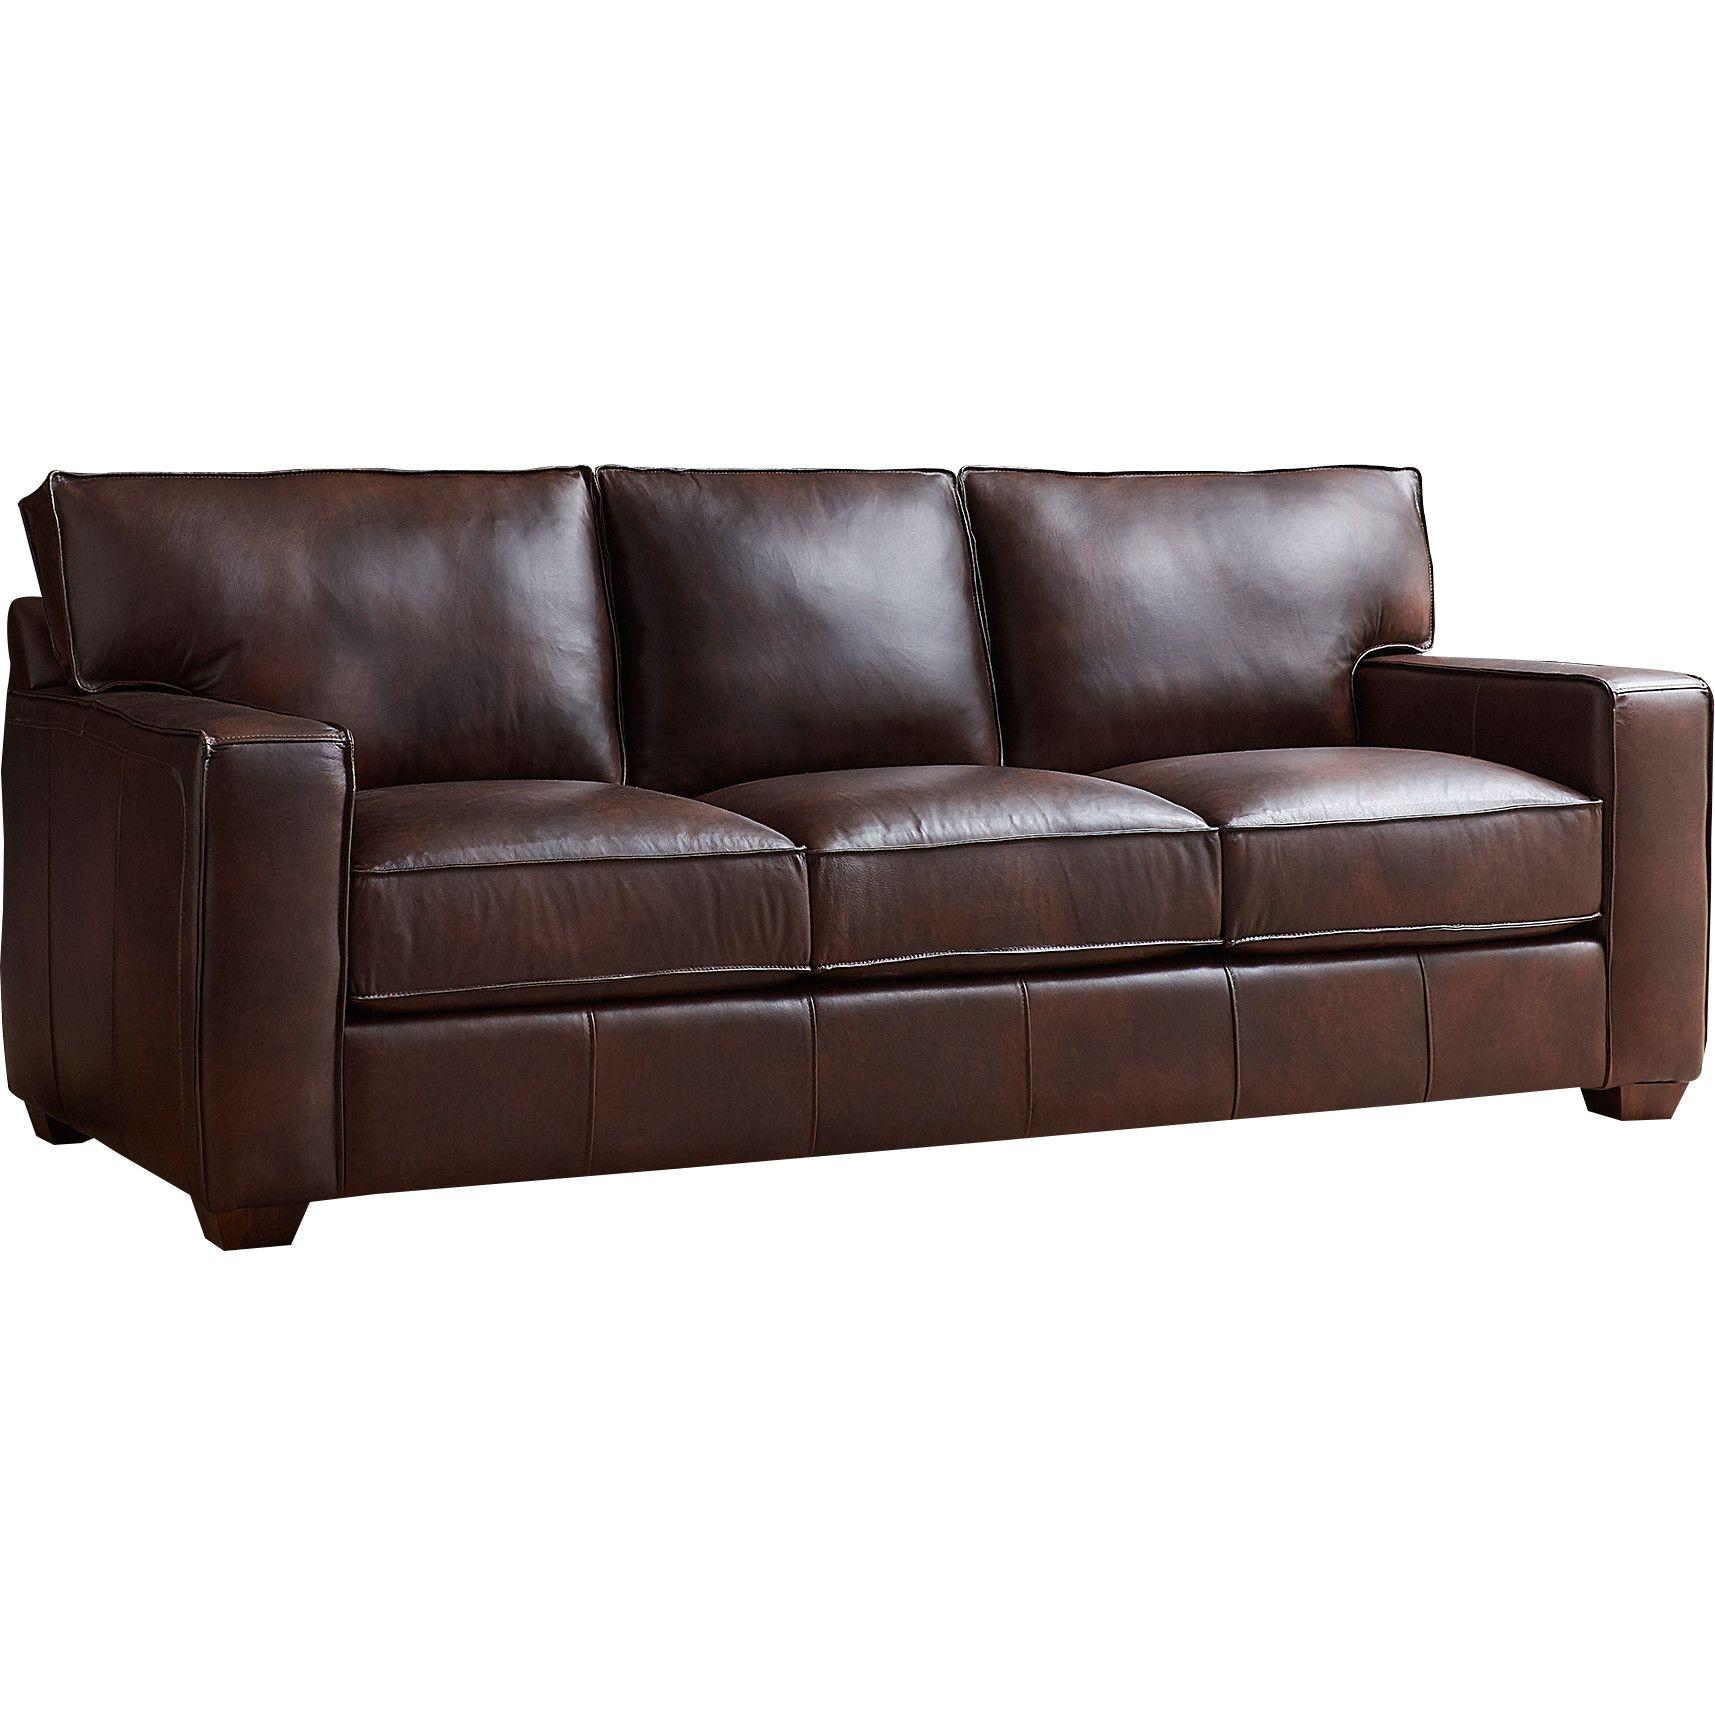 Pratt Leather Sofa | Living Room | Sofa, Leather sofa, Sofa ...